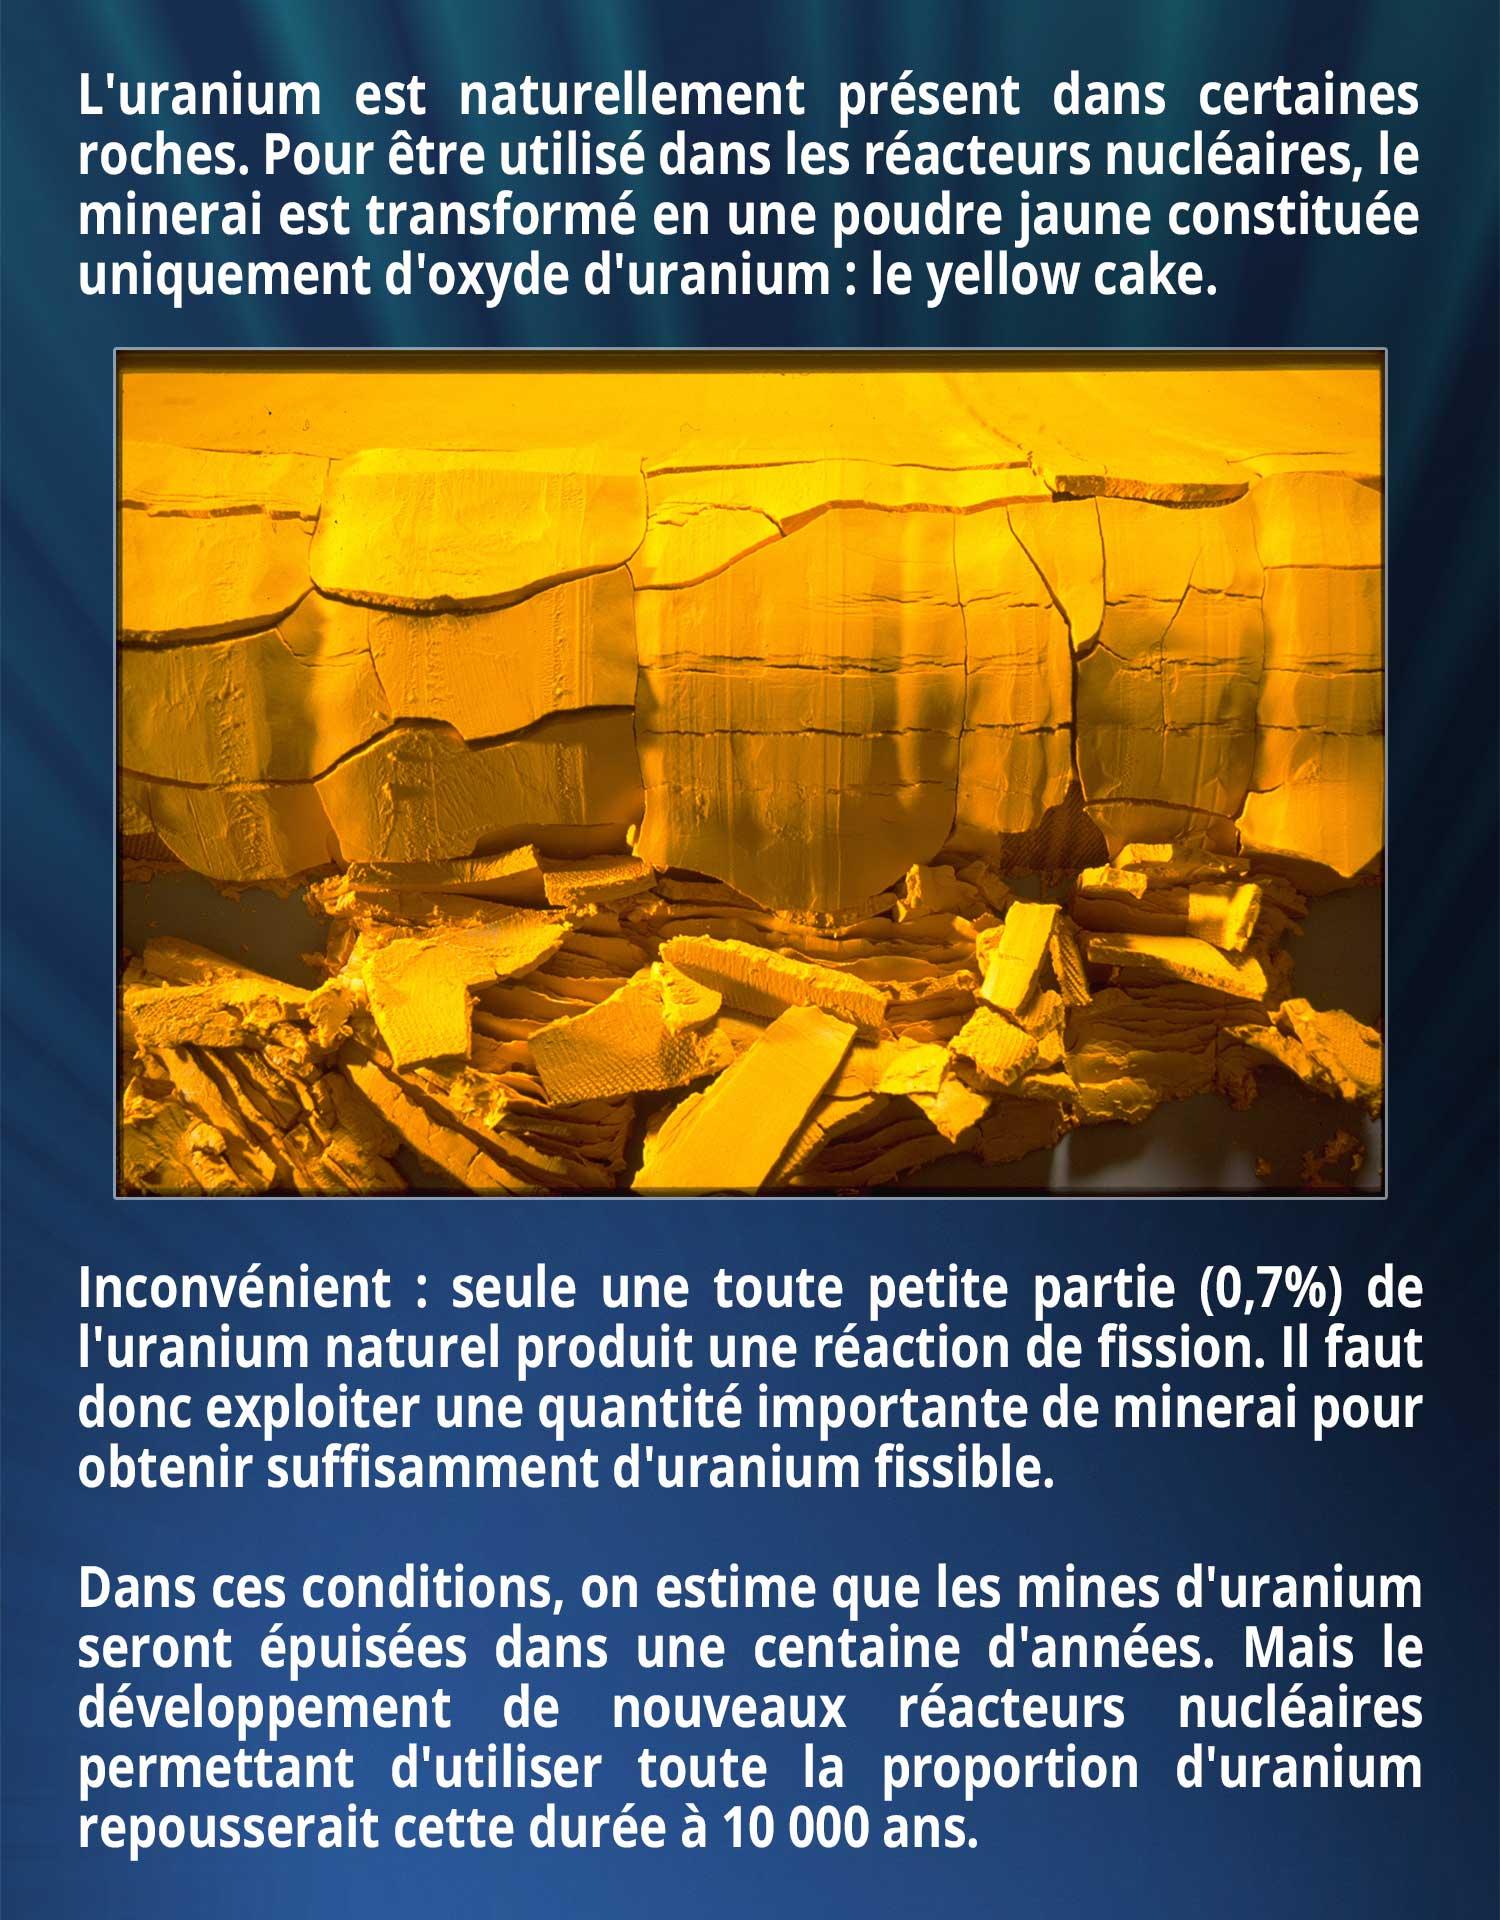 L'uranium est naturellement présent dans certaines roches. Pour être utilisé dans les réacteurs nucléaires, le minerai est transformé en une poudre jaune constituée uniquement d'oxyde d'uranium : le yellow cake. Inconvénient : seule une toute petite partie (0,7%) de l'uranium naturel produit une réaction de fission. Il faut donc exploiter une quantité importante de minerai pour obtenir suffisamment d'uranium fissible. Dans ces conditions, on estime que les mines d'uranium seront épuisées dans une centaine d'années. Mais le développement de nouveaux réacteurs nucléaires permettant d'utiliser toute la proportion d'uranium repousserait cette durée à 10 000 ans.